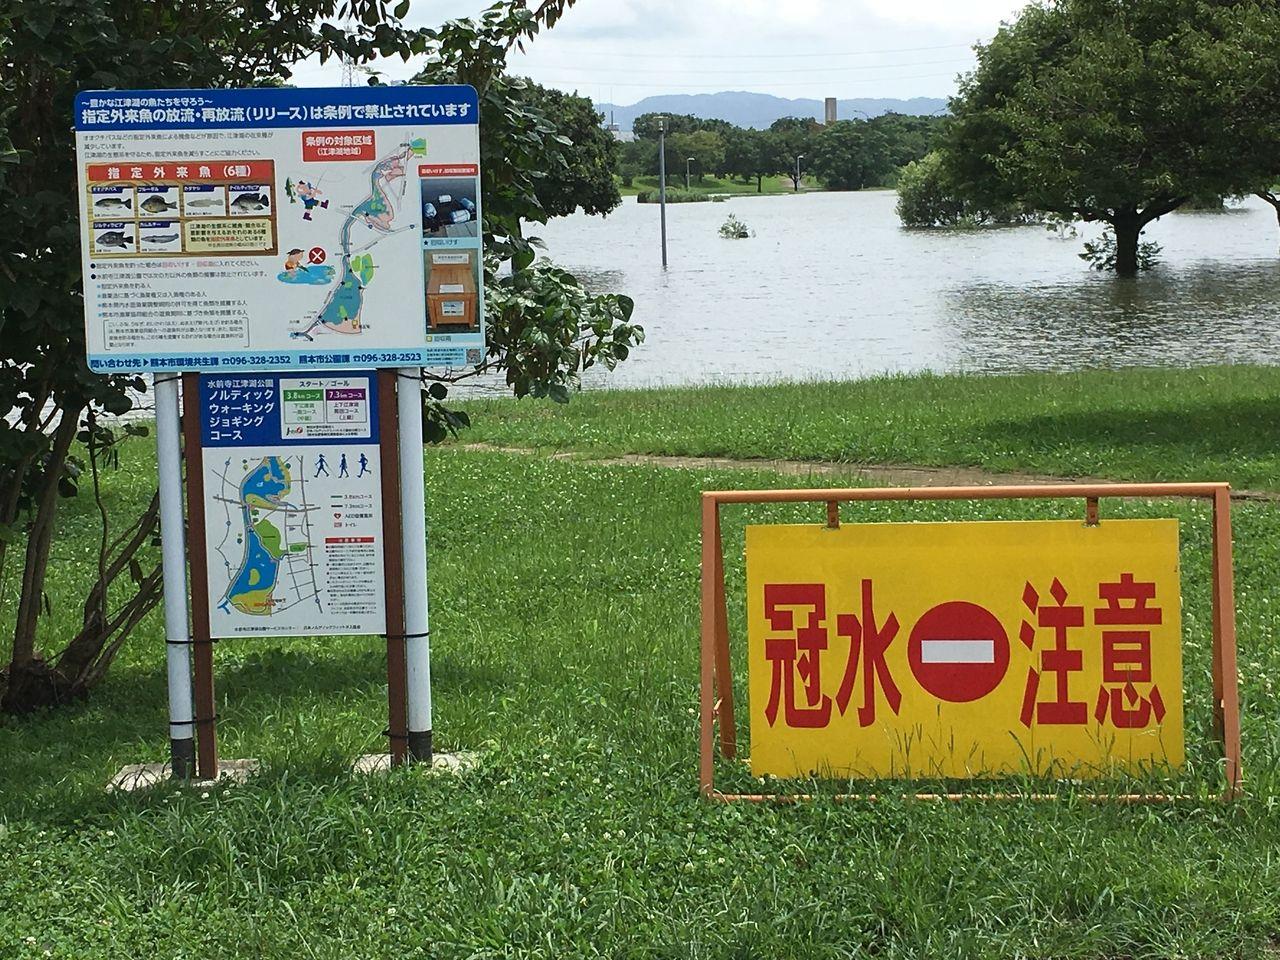 冠水注意の警告看板